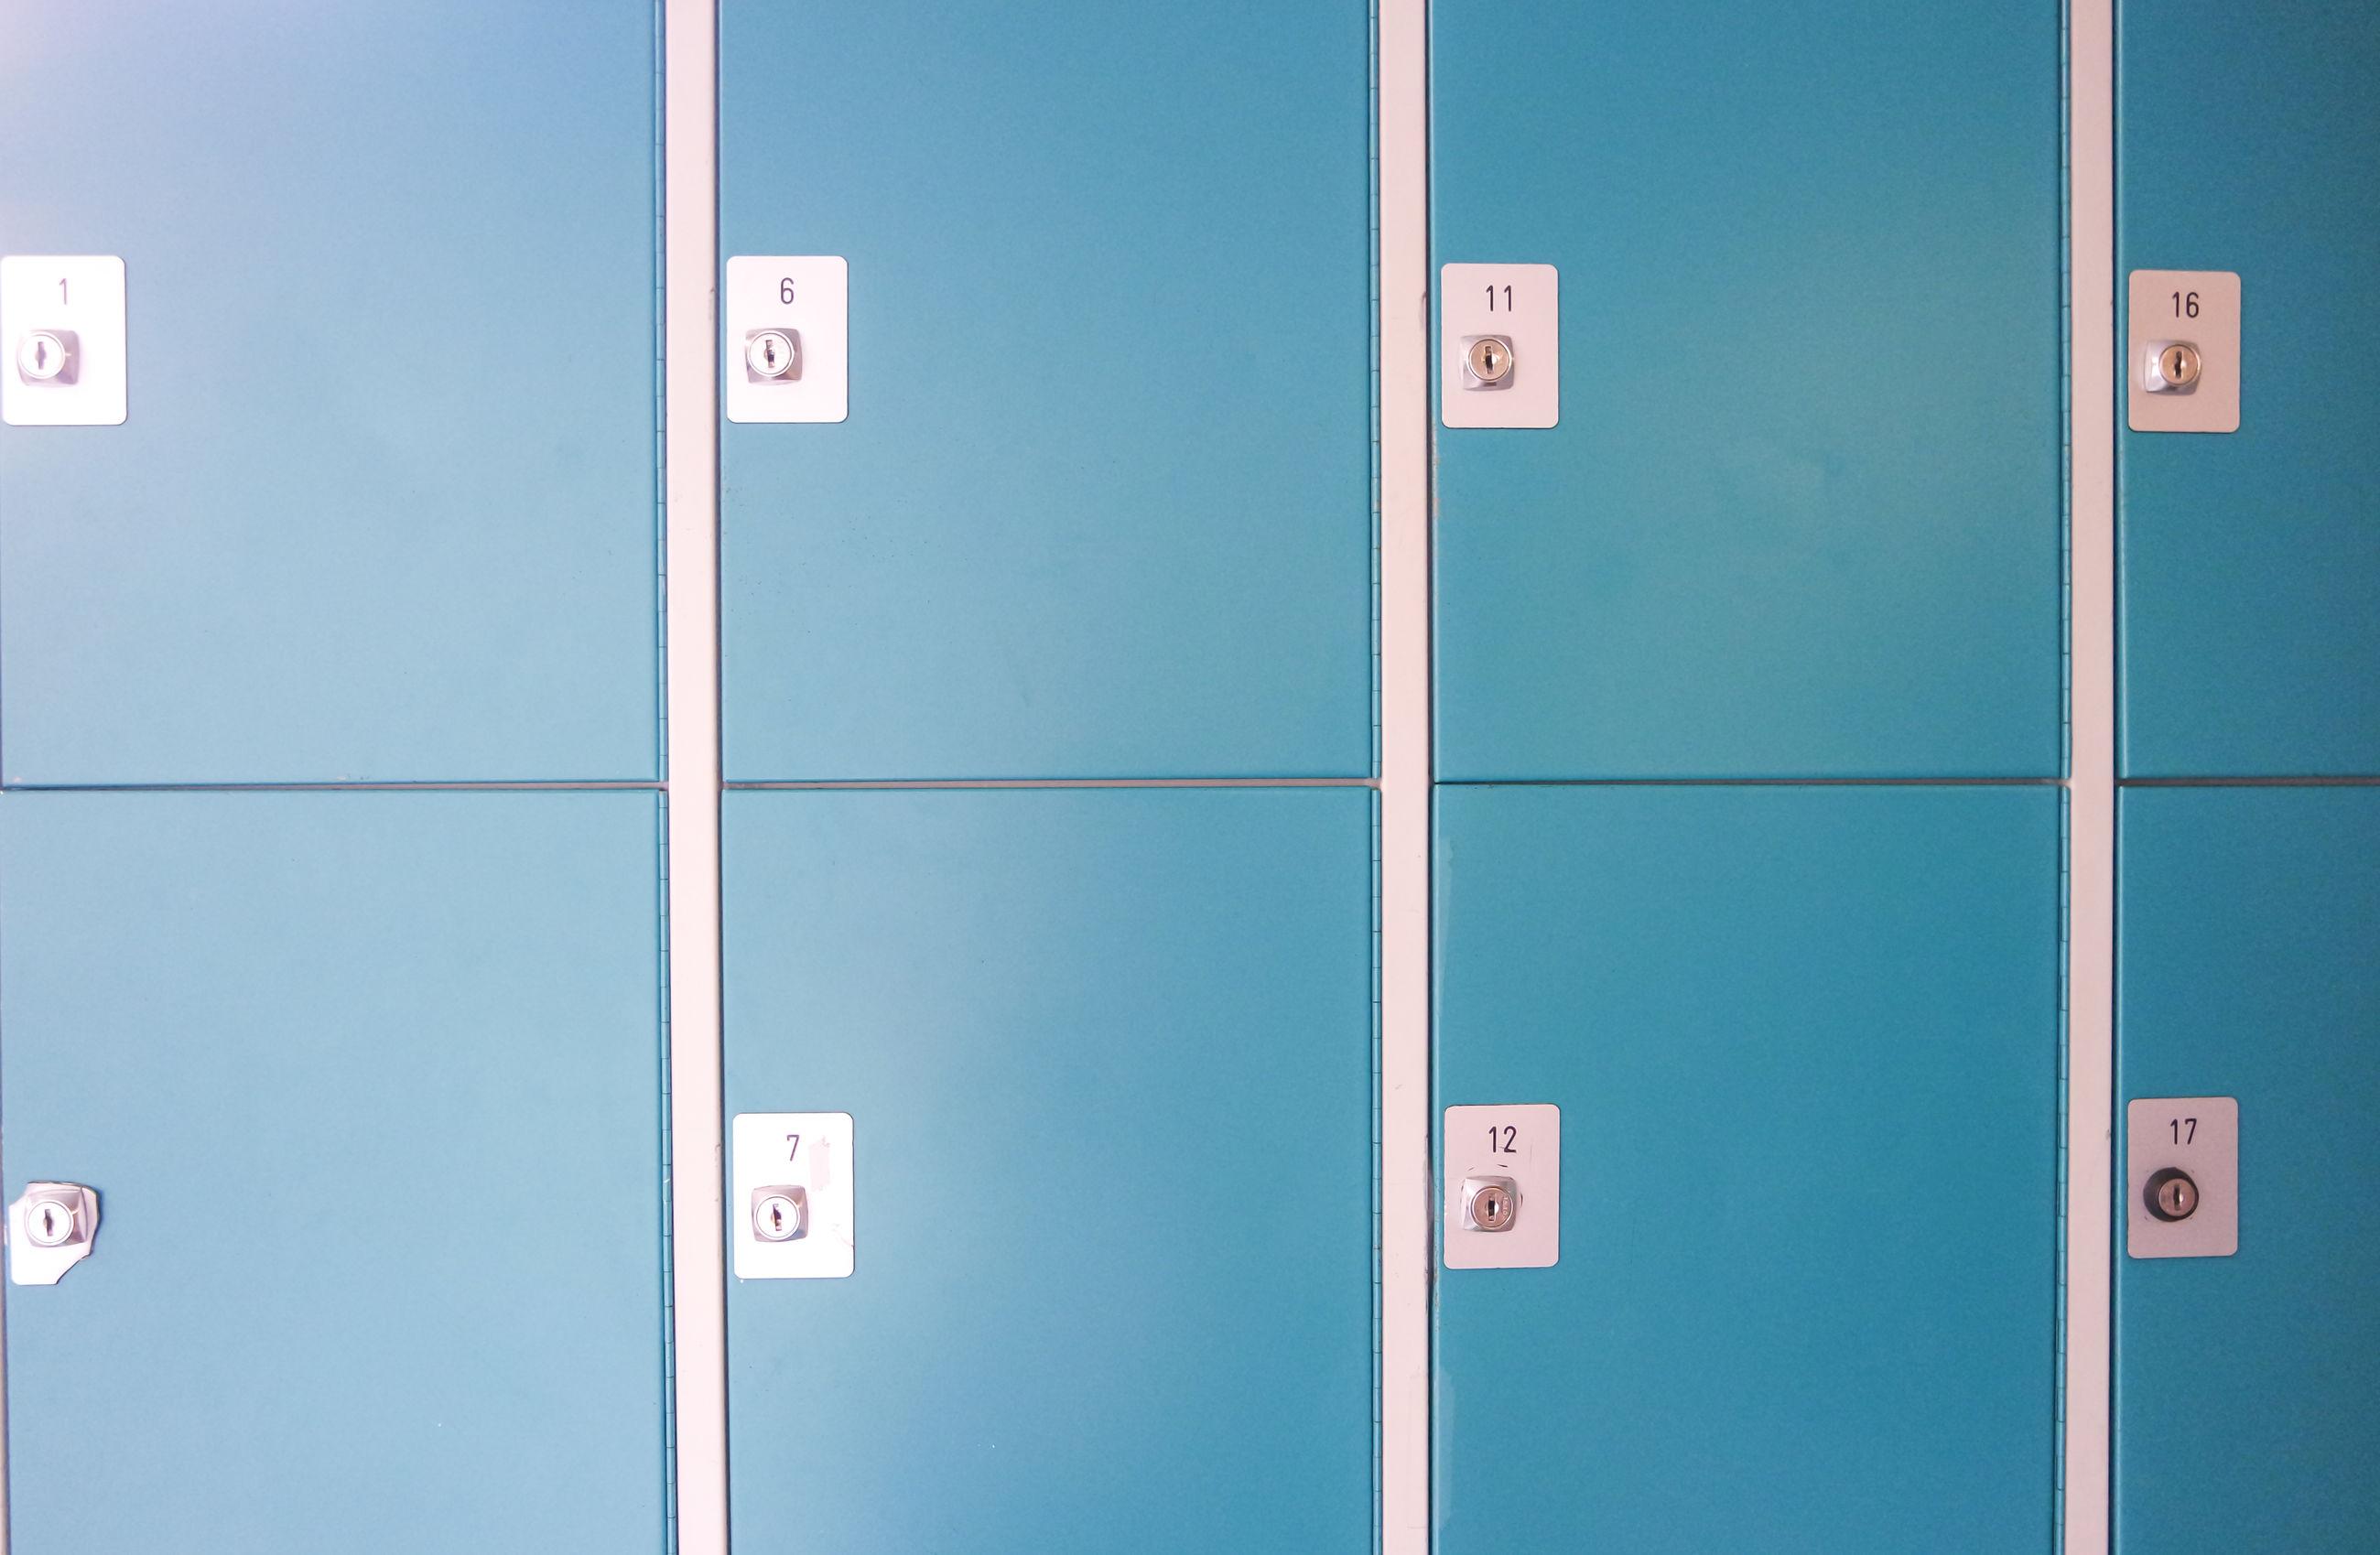 Full frame shot of blue lockers